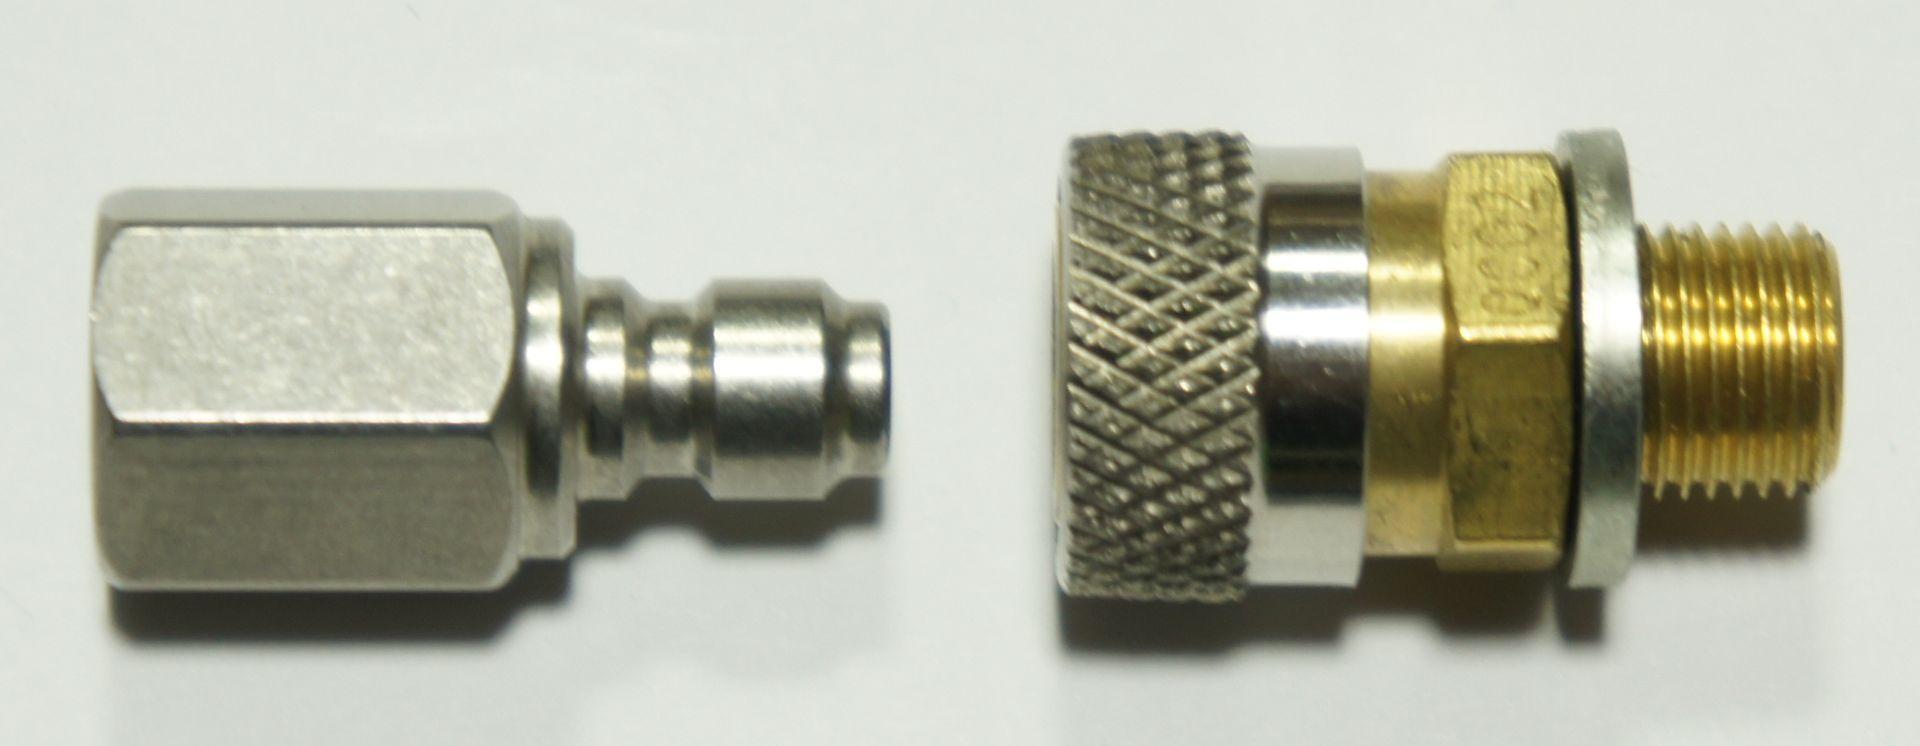 Wenn an dem Schlauch der Stecker zur Waffe schnell gewechselt werden soll, wäre so <a href=1165554.htm>eine Schnellkupplung </a> eine gute Ergänzung.